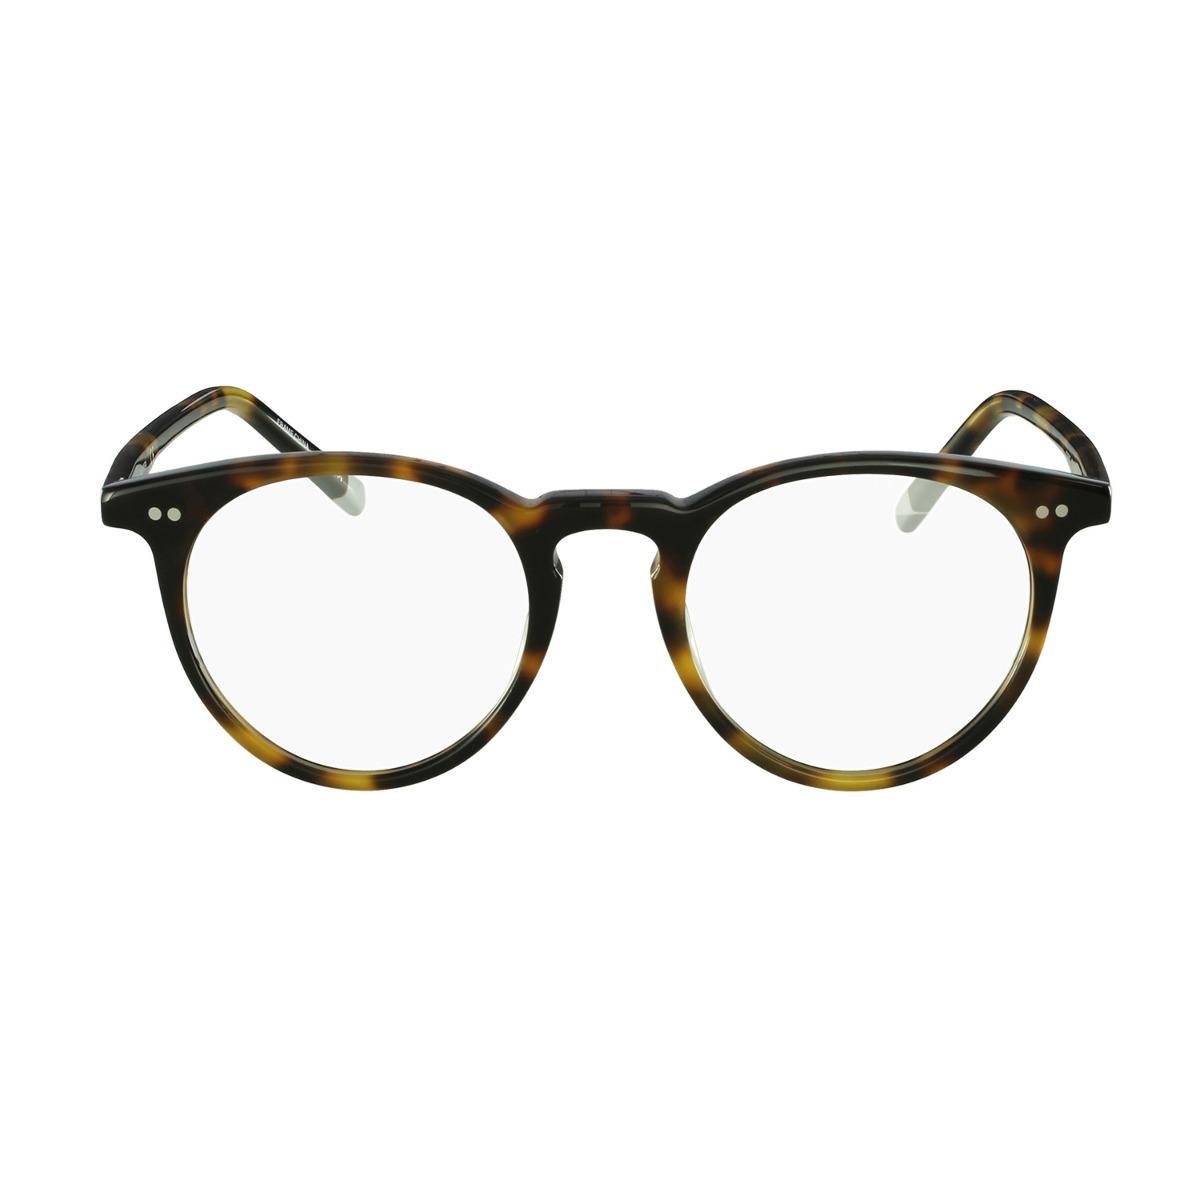 7db5fd12f11a0 Óculos De Grau Calvin Klein Casual Marrom 313734719214 - R  630